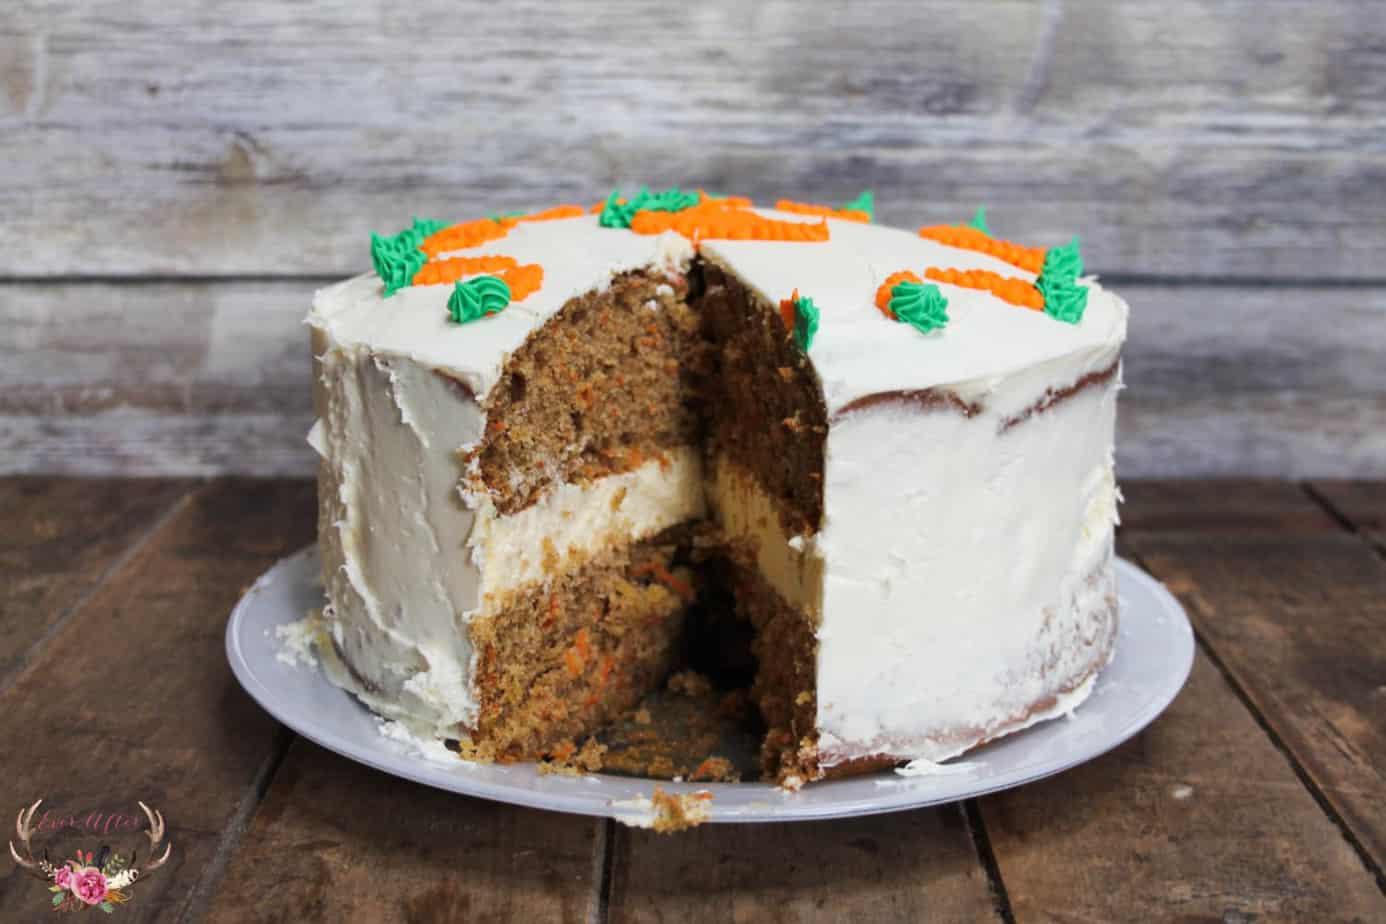 How to make Carrot Cake Cheesecake Cake